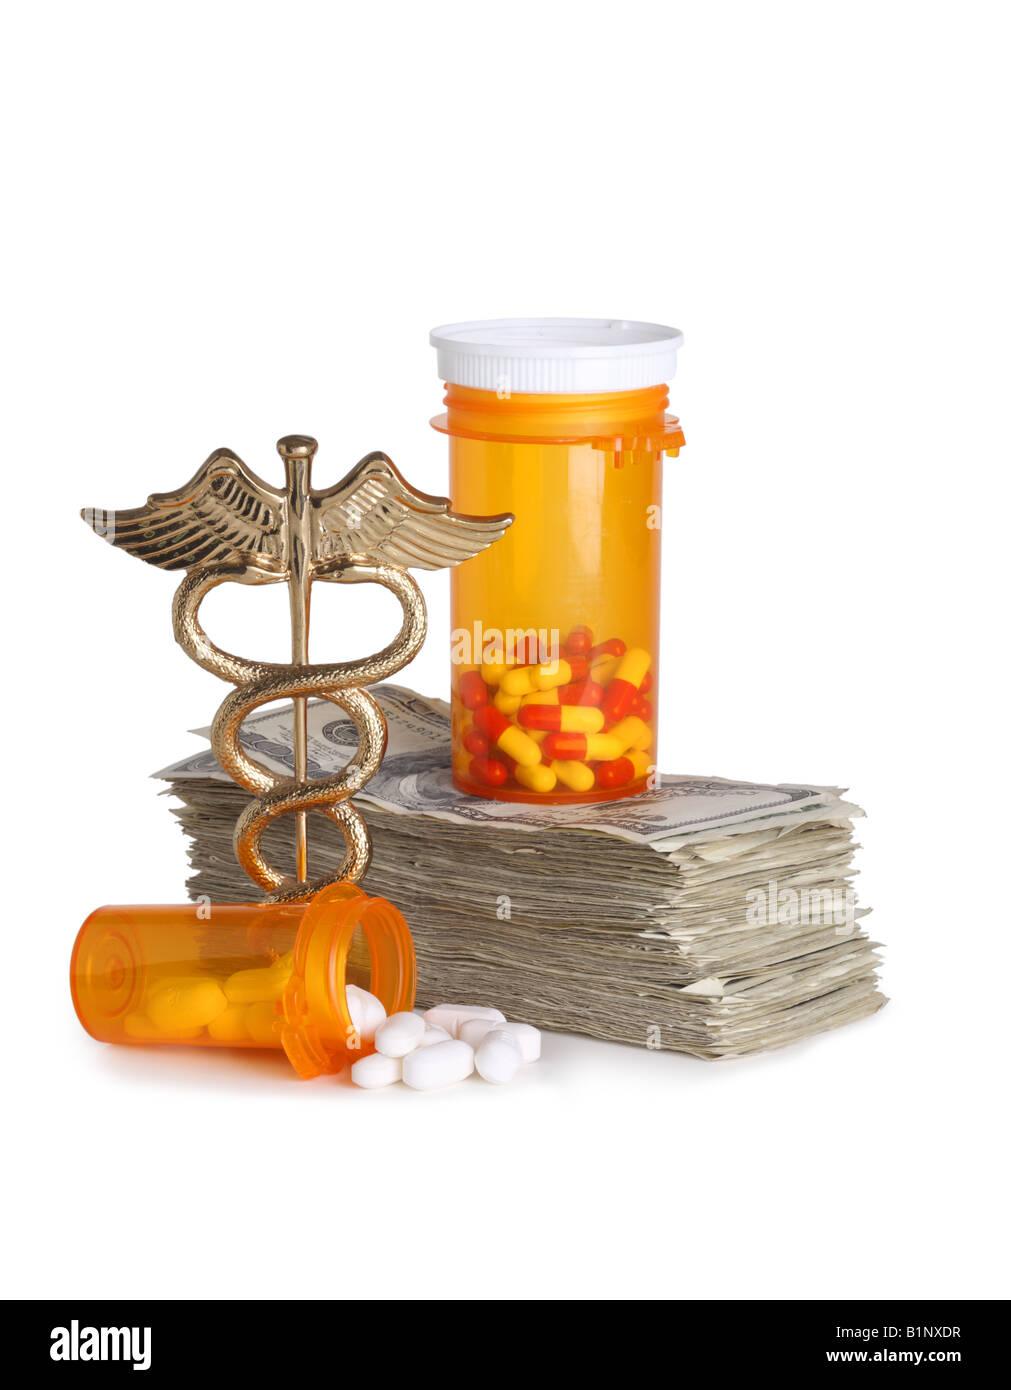 Concept de soins coûteux caducée argent et comprimés découper sur fond blanc Photo Stock